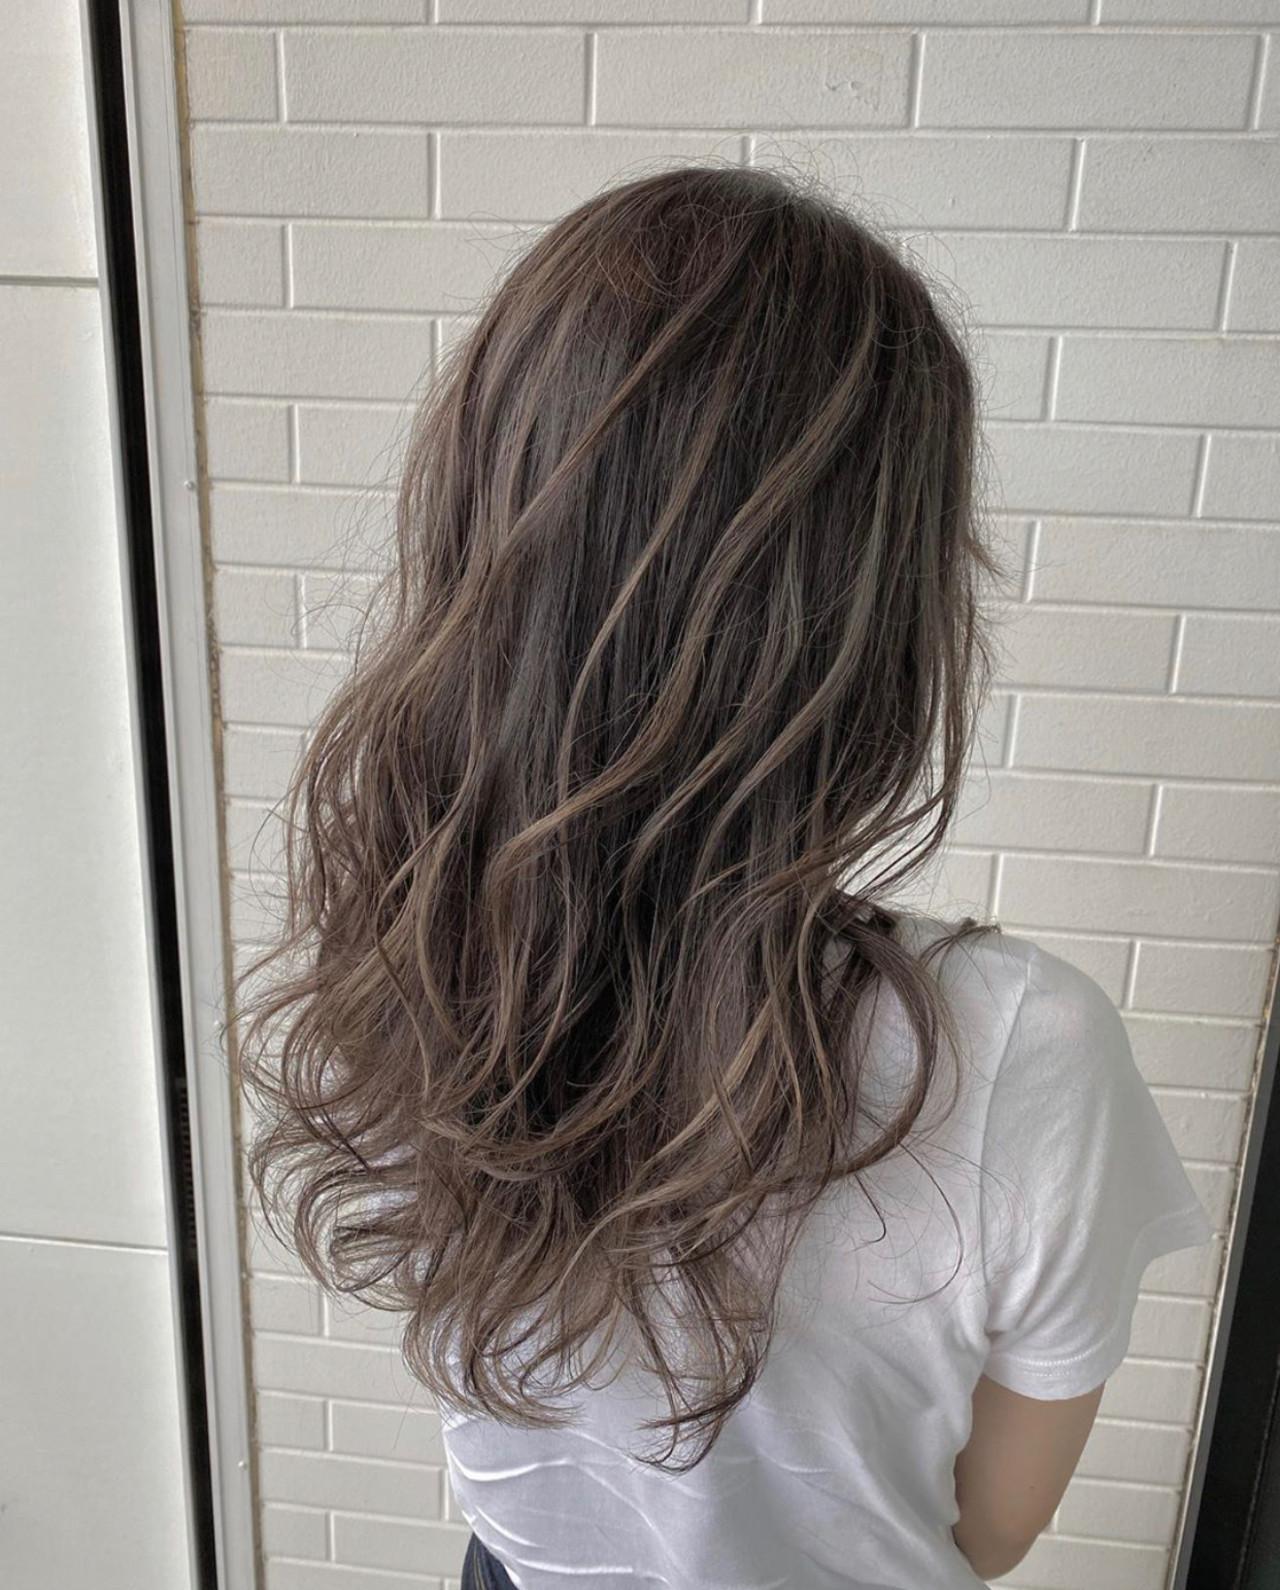 ハイライト ロング コントラストハイライト エレガント ヘアスタイルや髪型の写真・画像